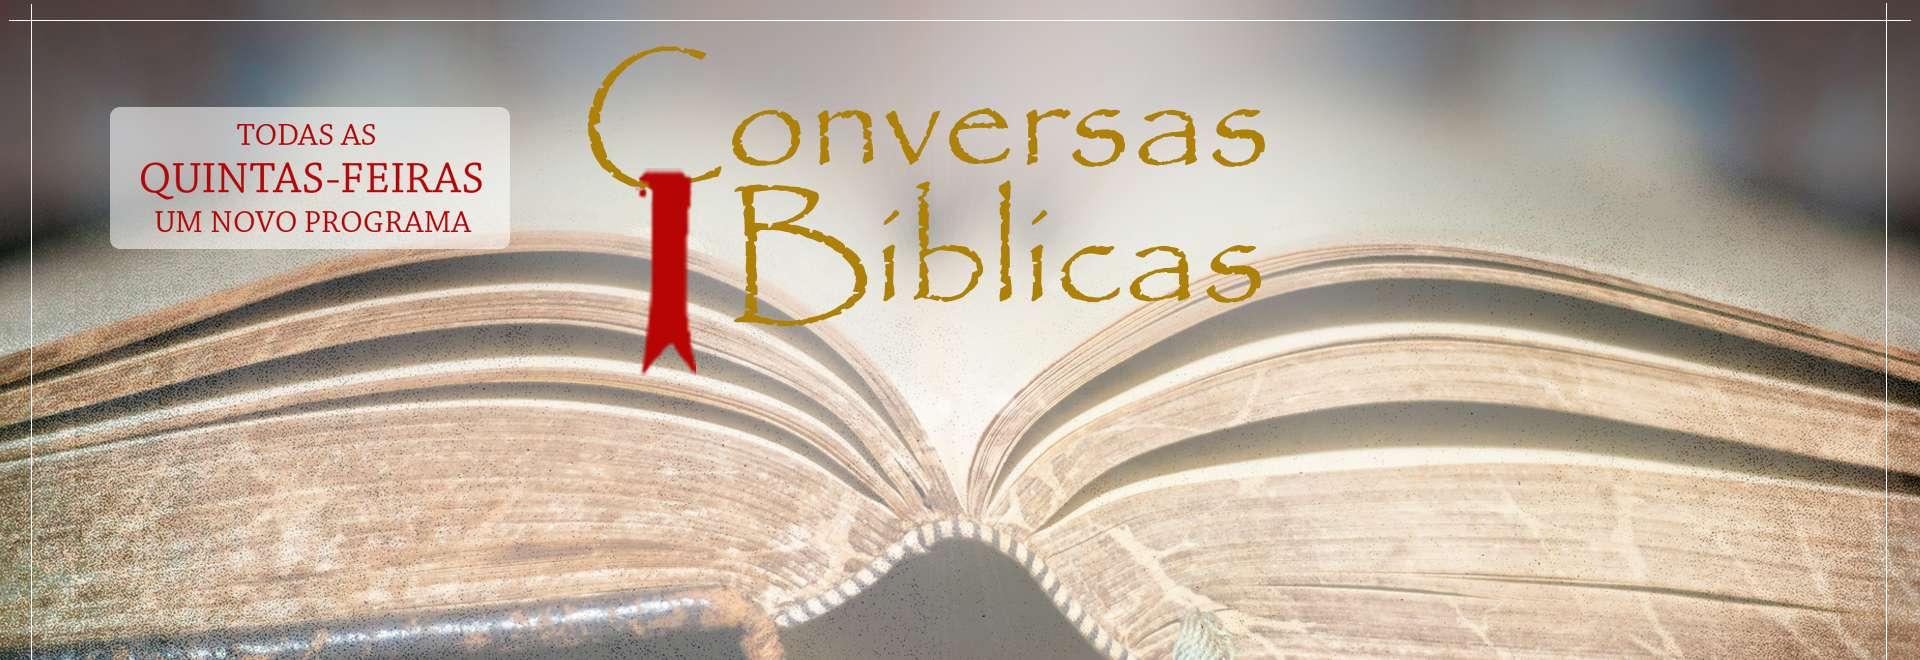 Programa Conversas Bíblicas: O crente diante das provas - Parte 2